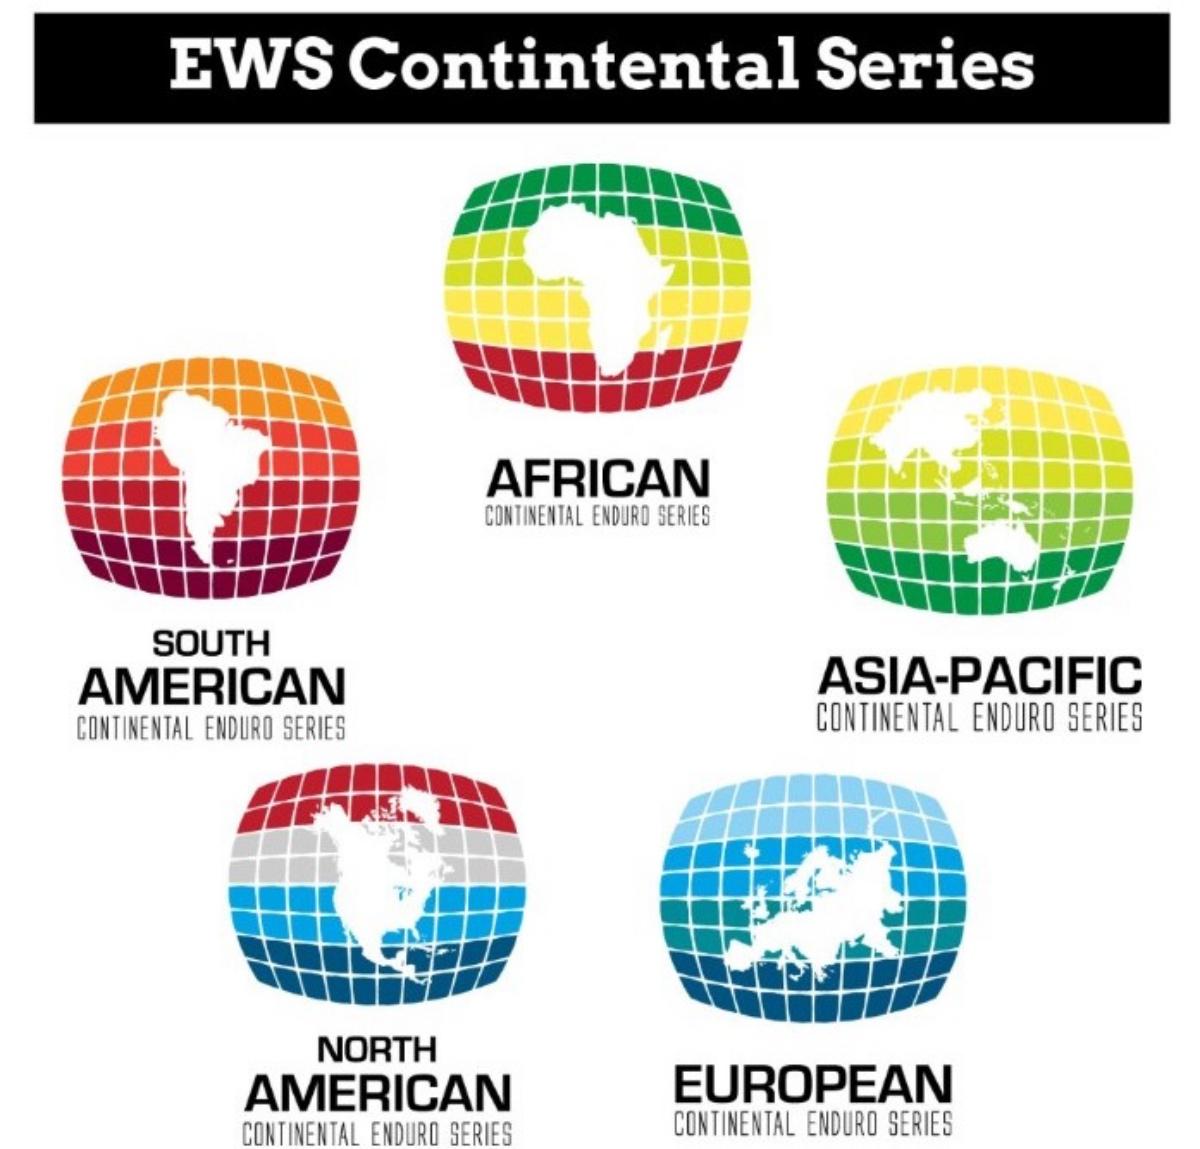 EWS launches new Continental Enduro Series